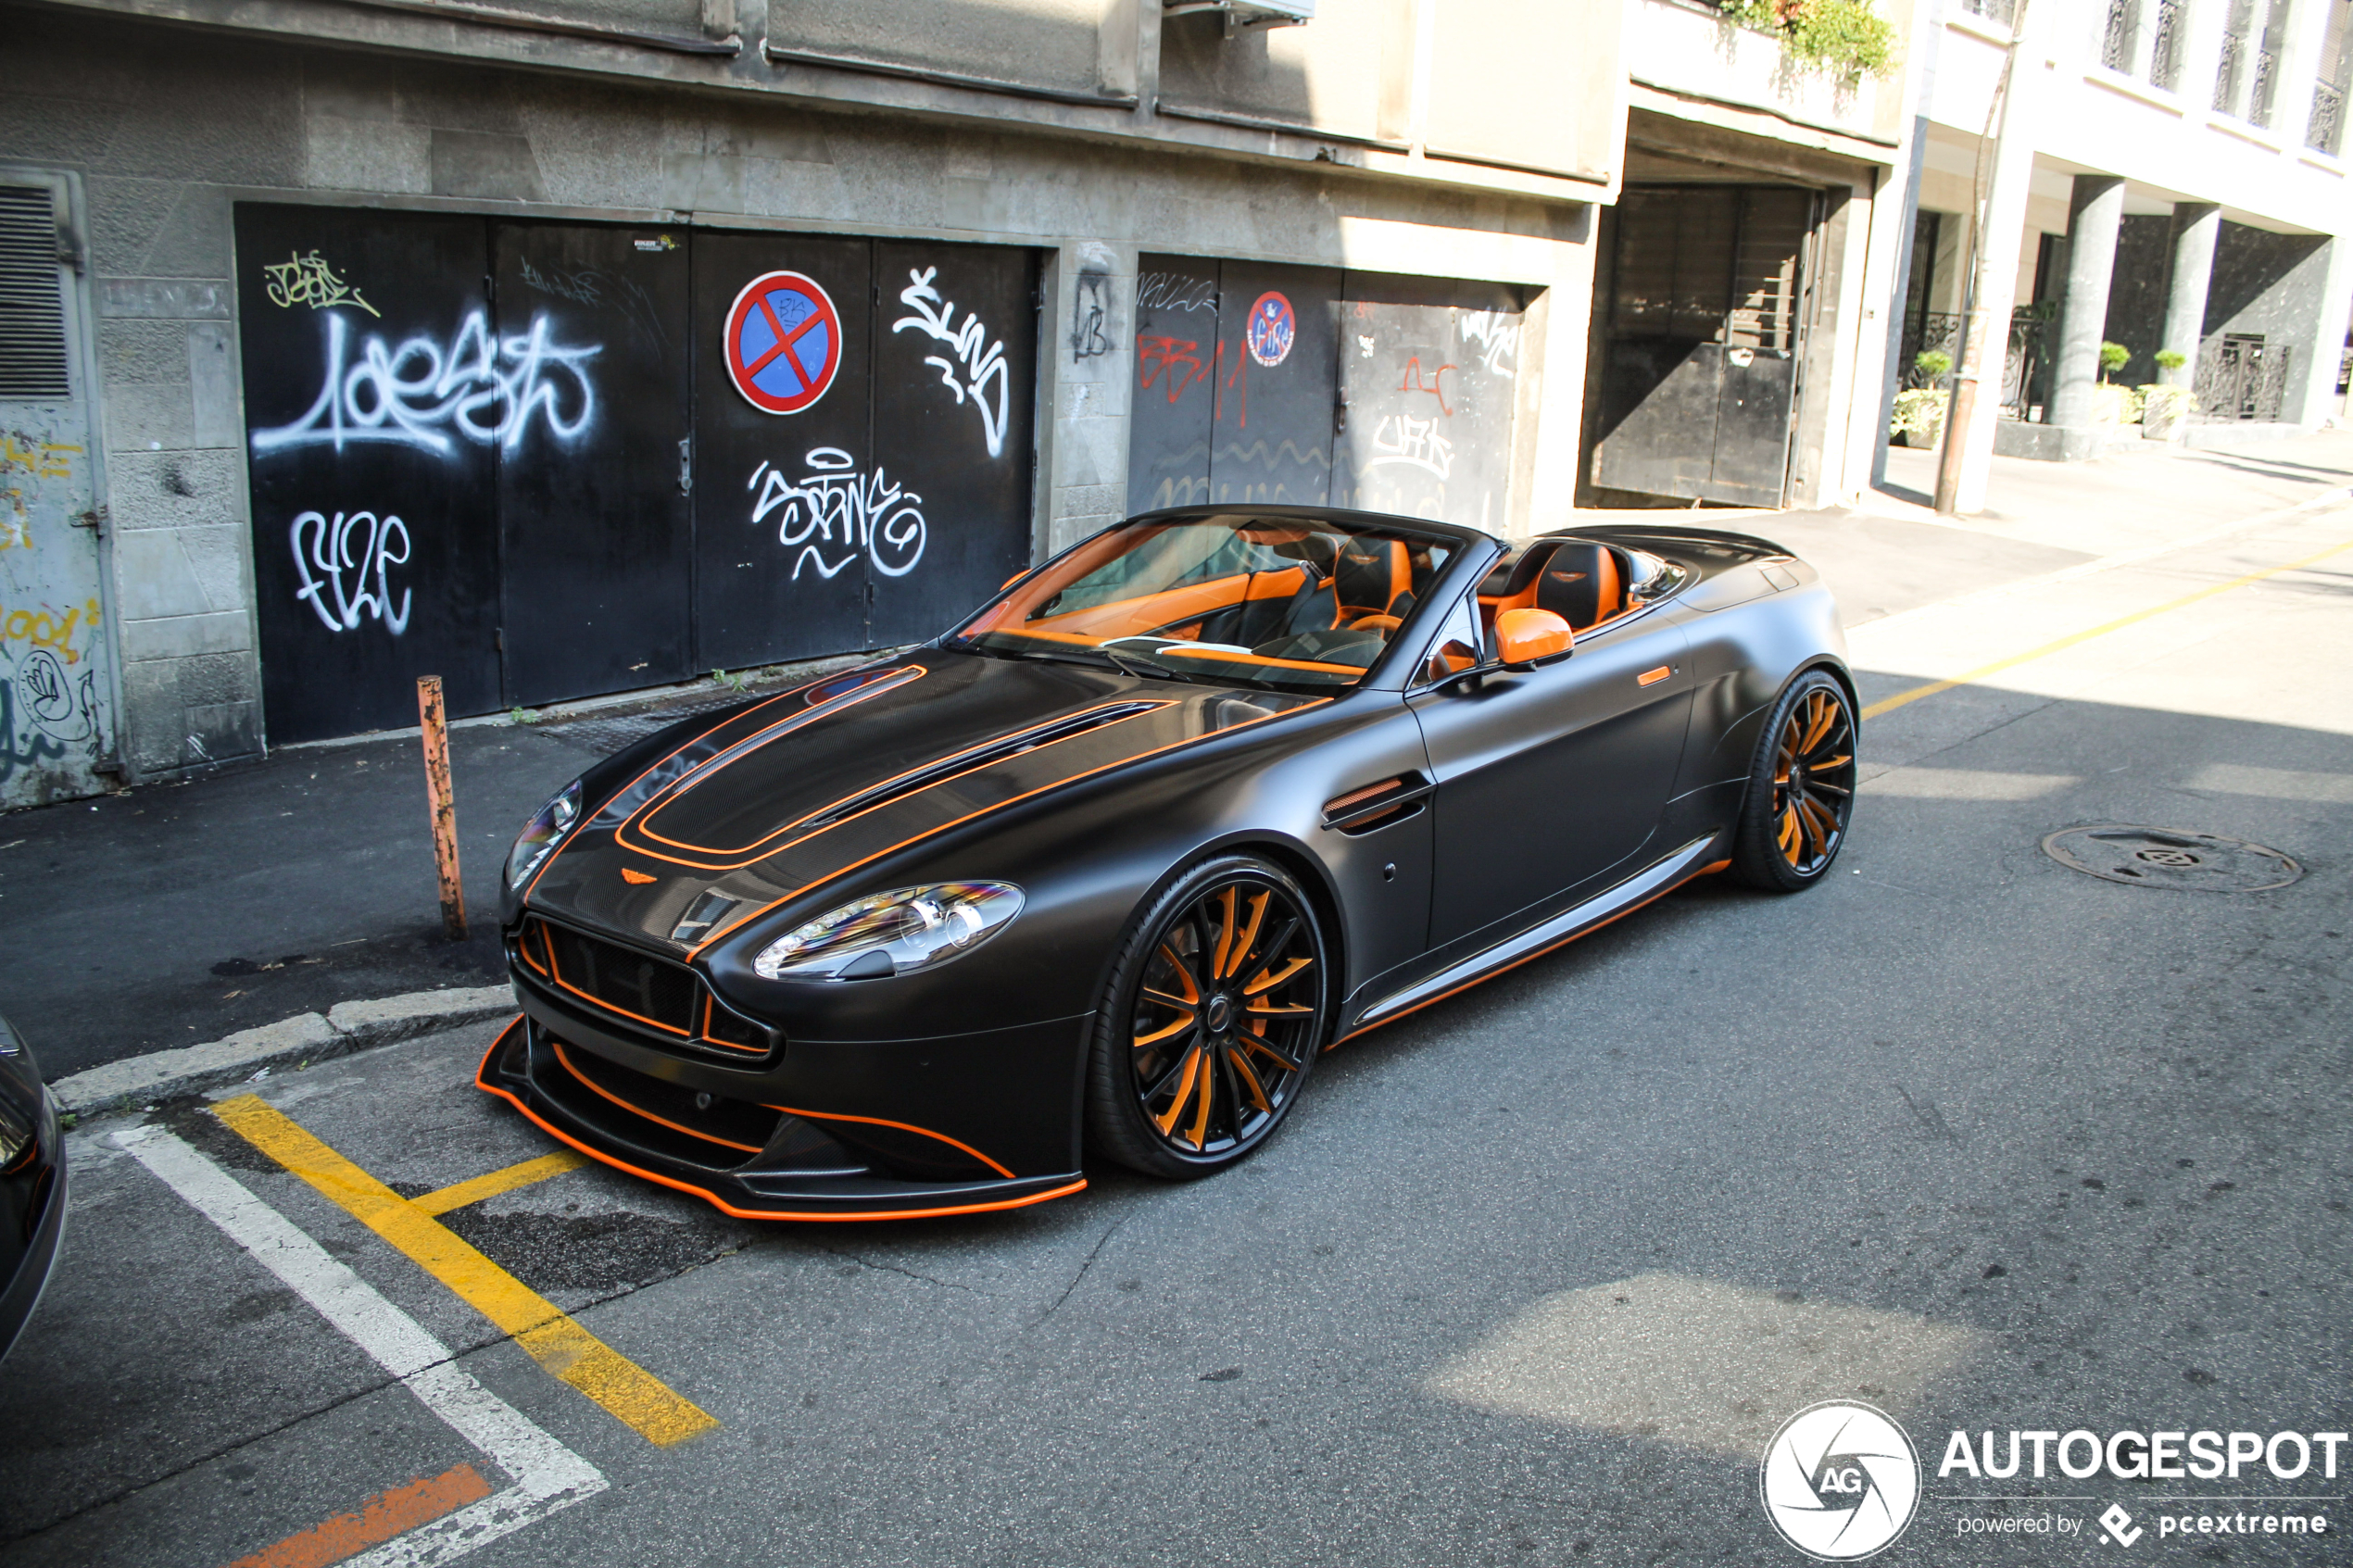 Aston Martin V8 Vantage Roadster behoorlijk aangepakt